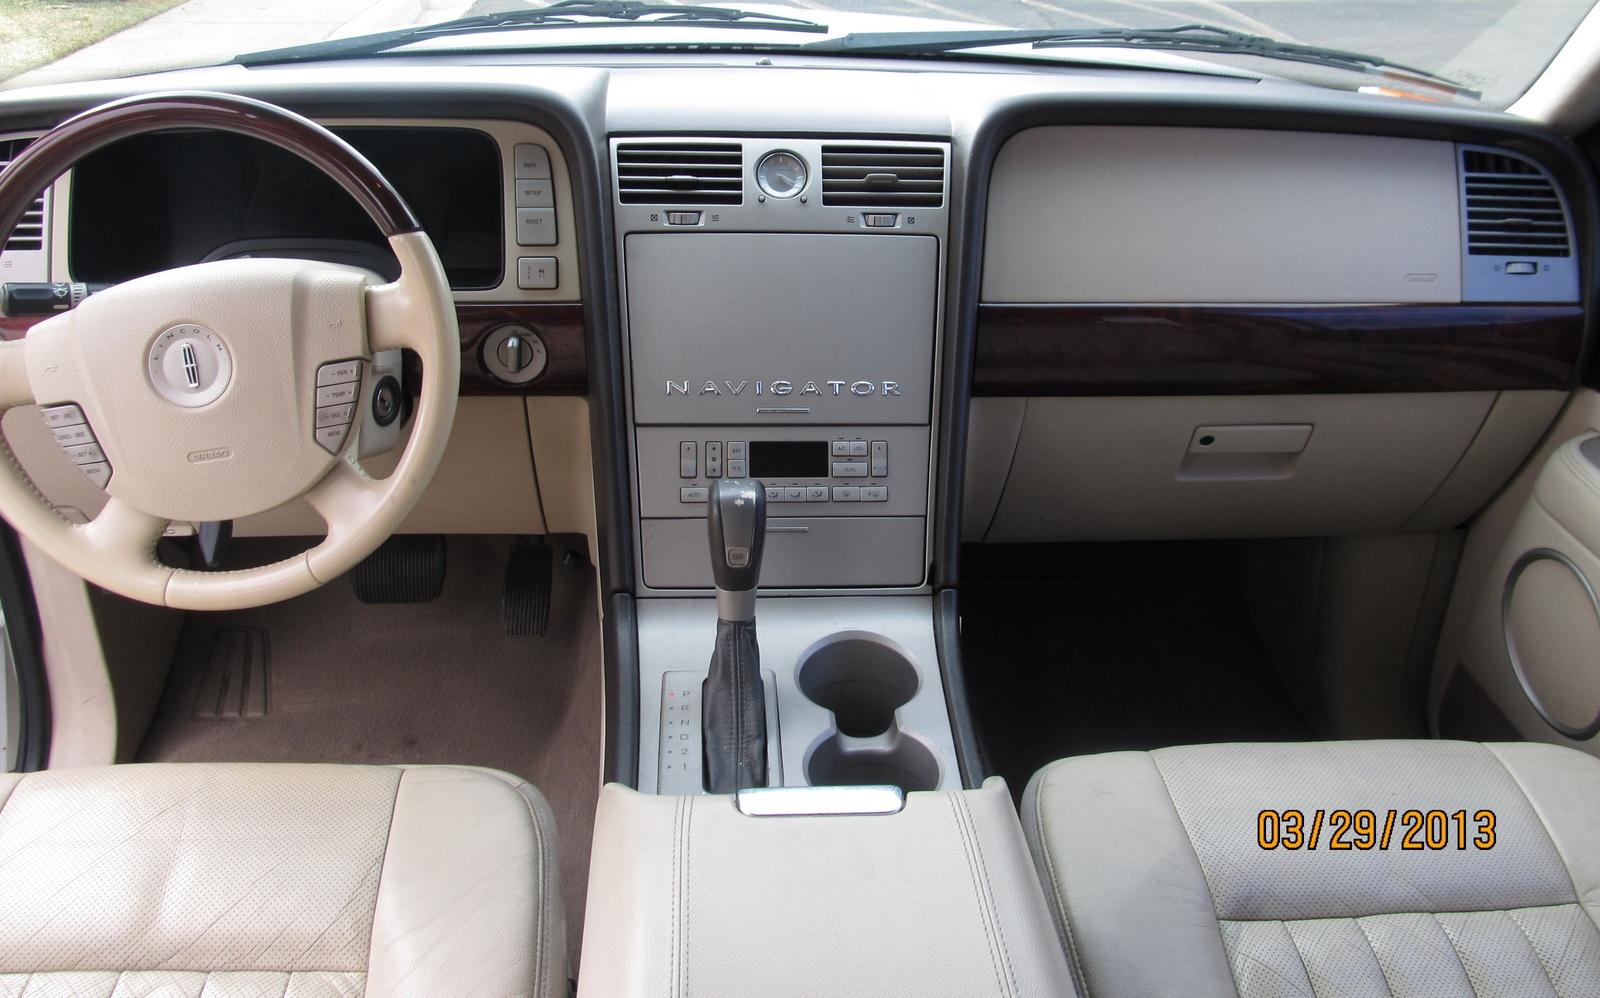 2003 Lincoln Navigator Interior Pictures Cargurus